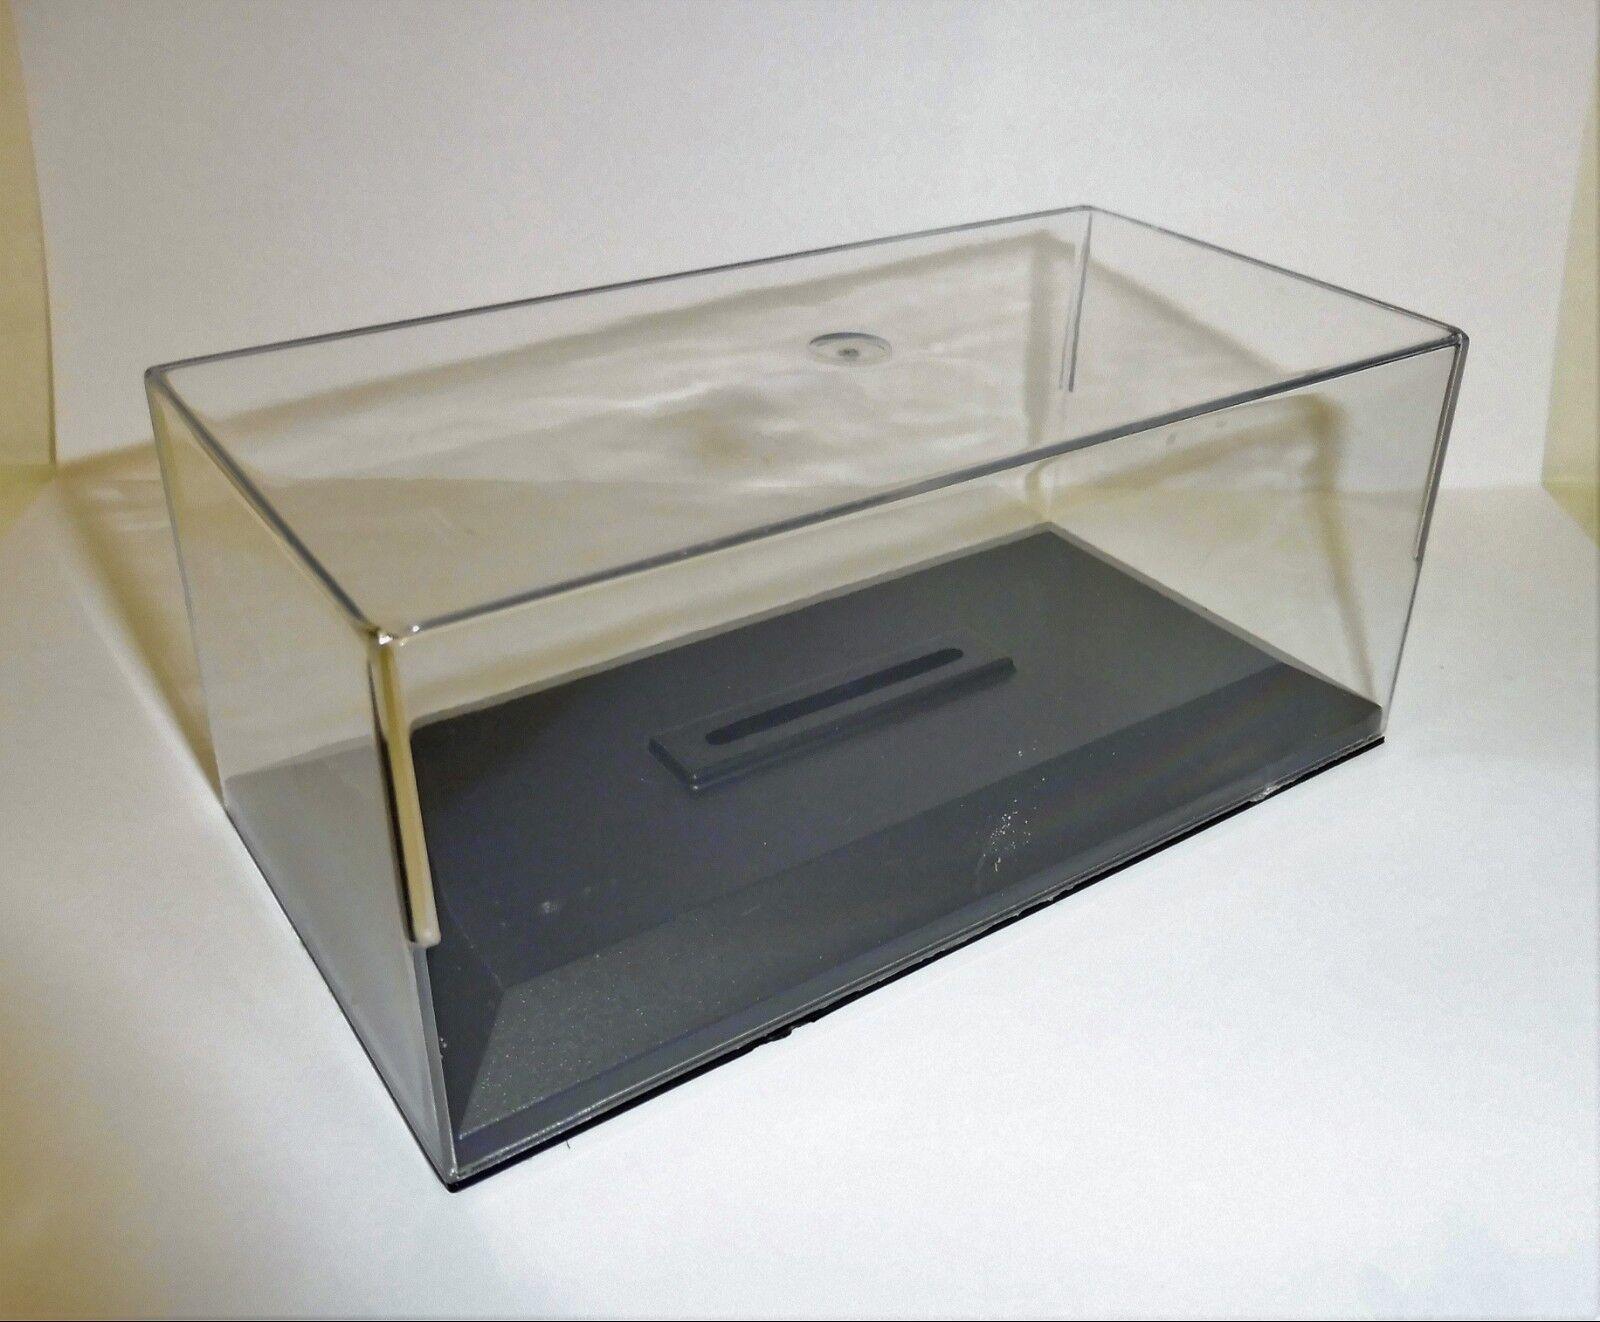 Lot 36 empty  boxes plexi with stand for miniatures 1 43 height 6 cm nouveau  commandez maintenant avec gros rabais et livraison gratuite